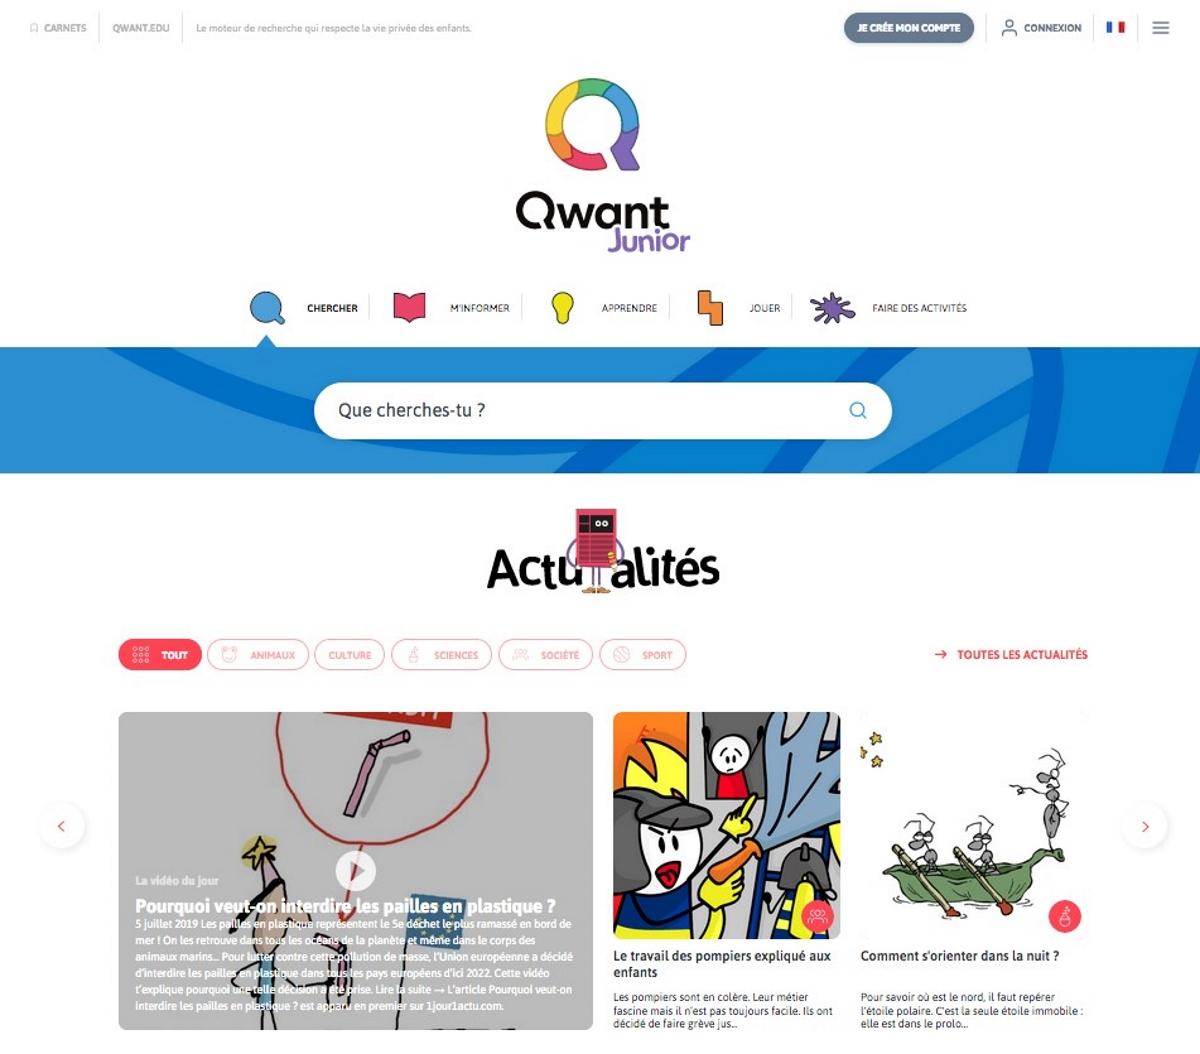 Qwant Junior: Une nouvelle interface pour un web plus sécurisé